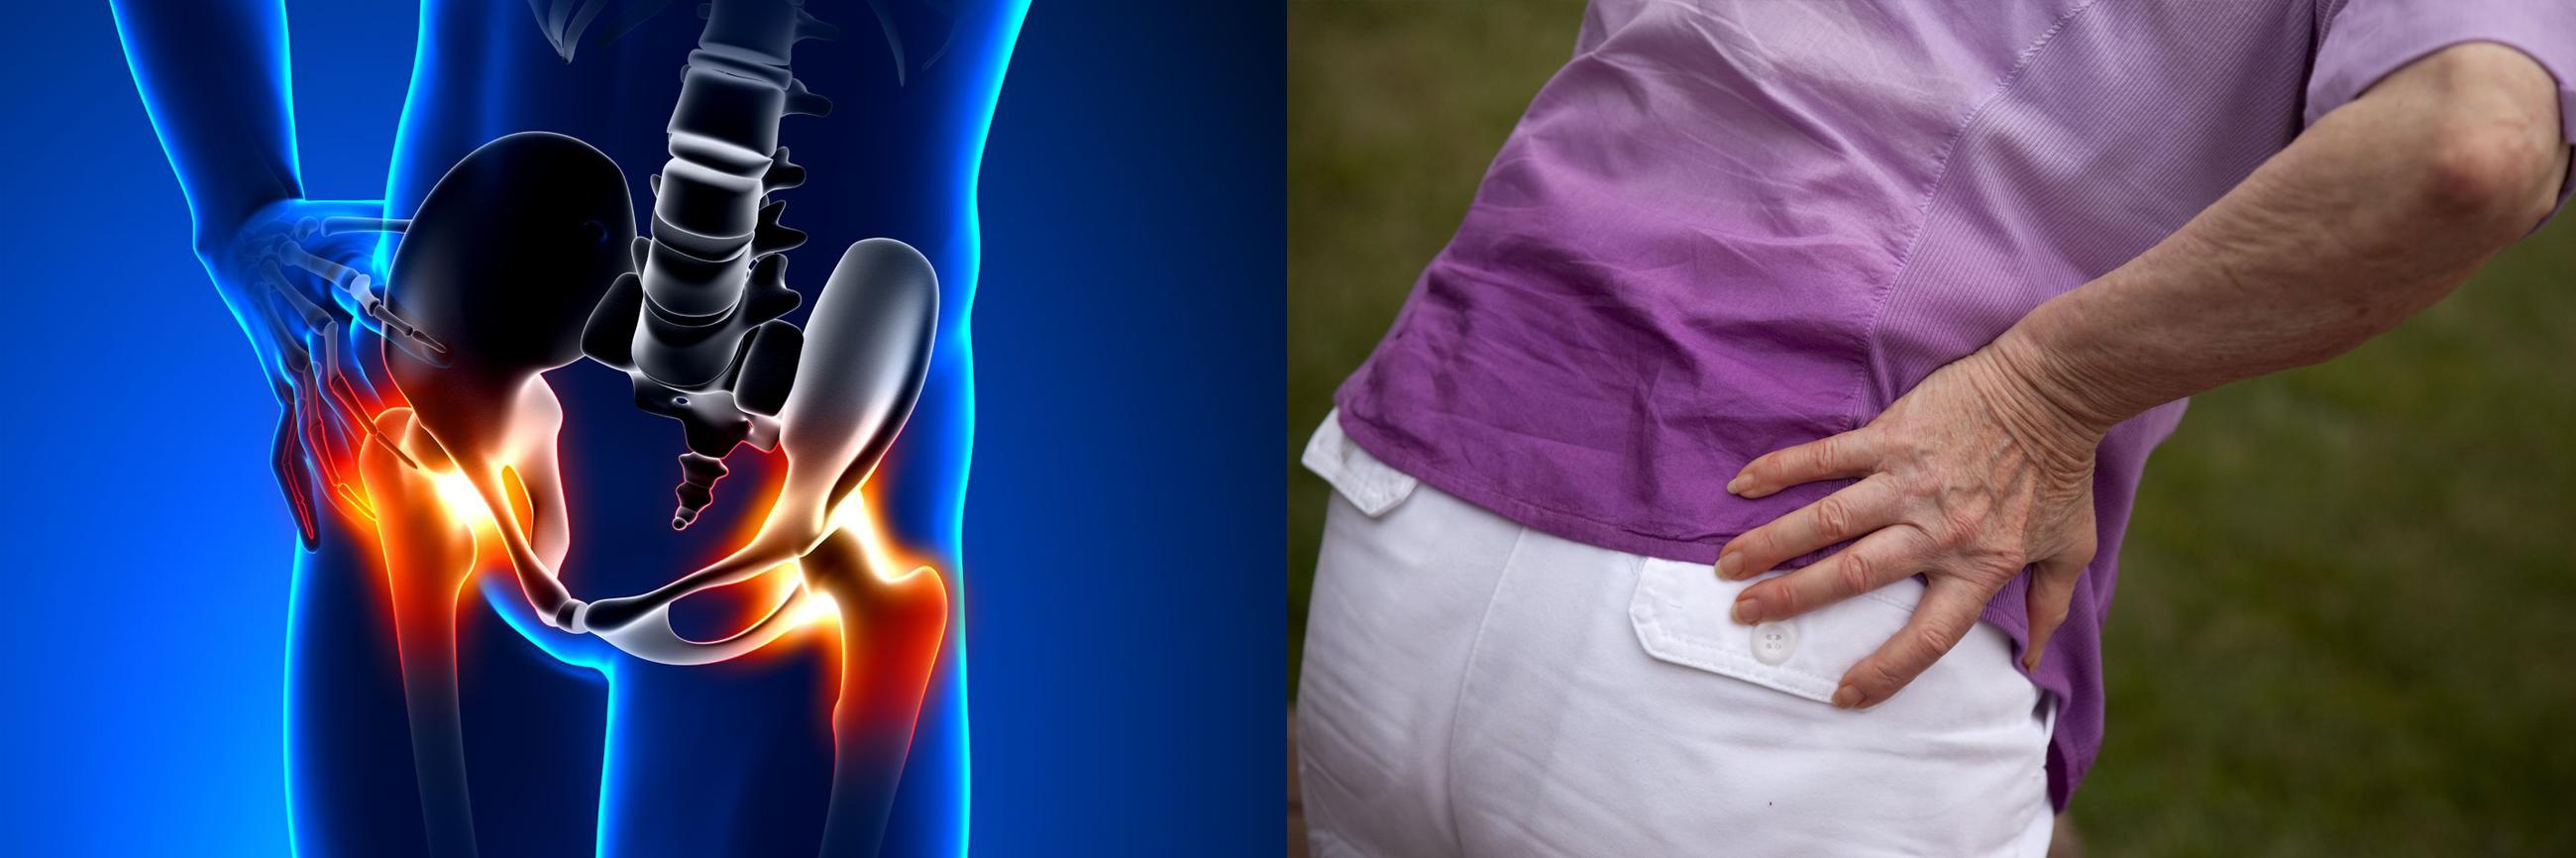 pyelonephritis és a csípőízület fájdalma